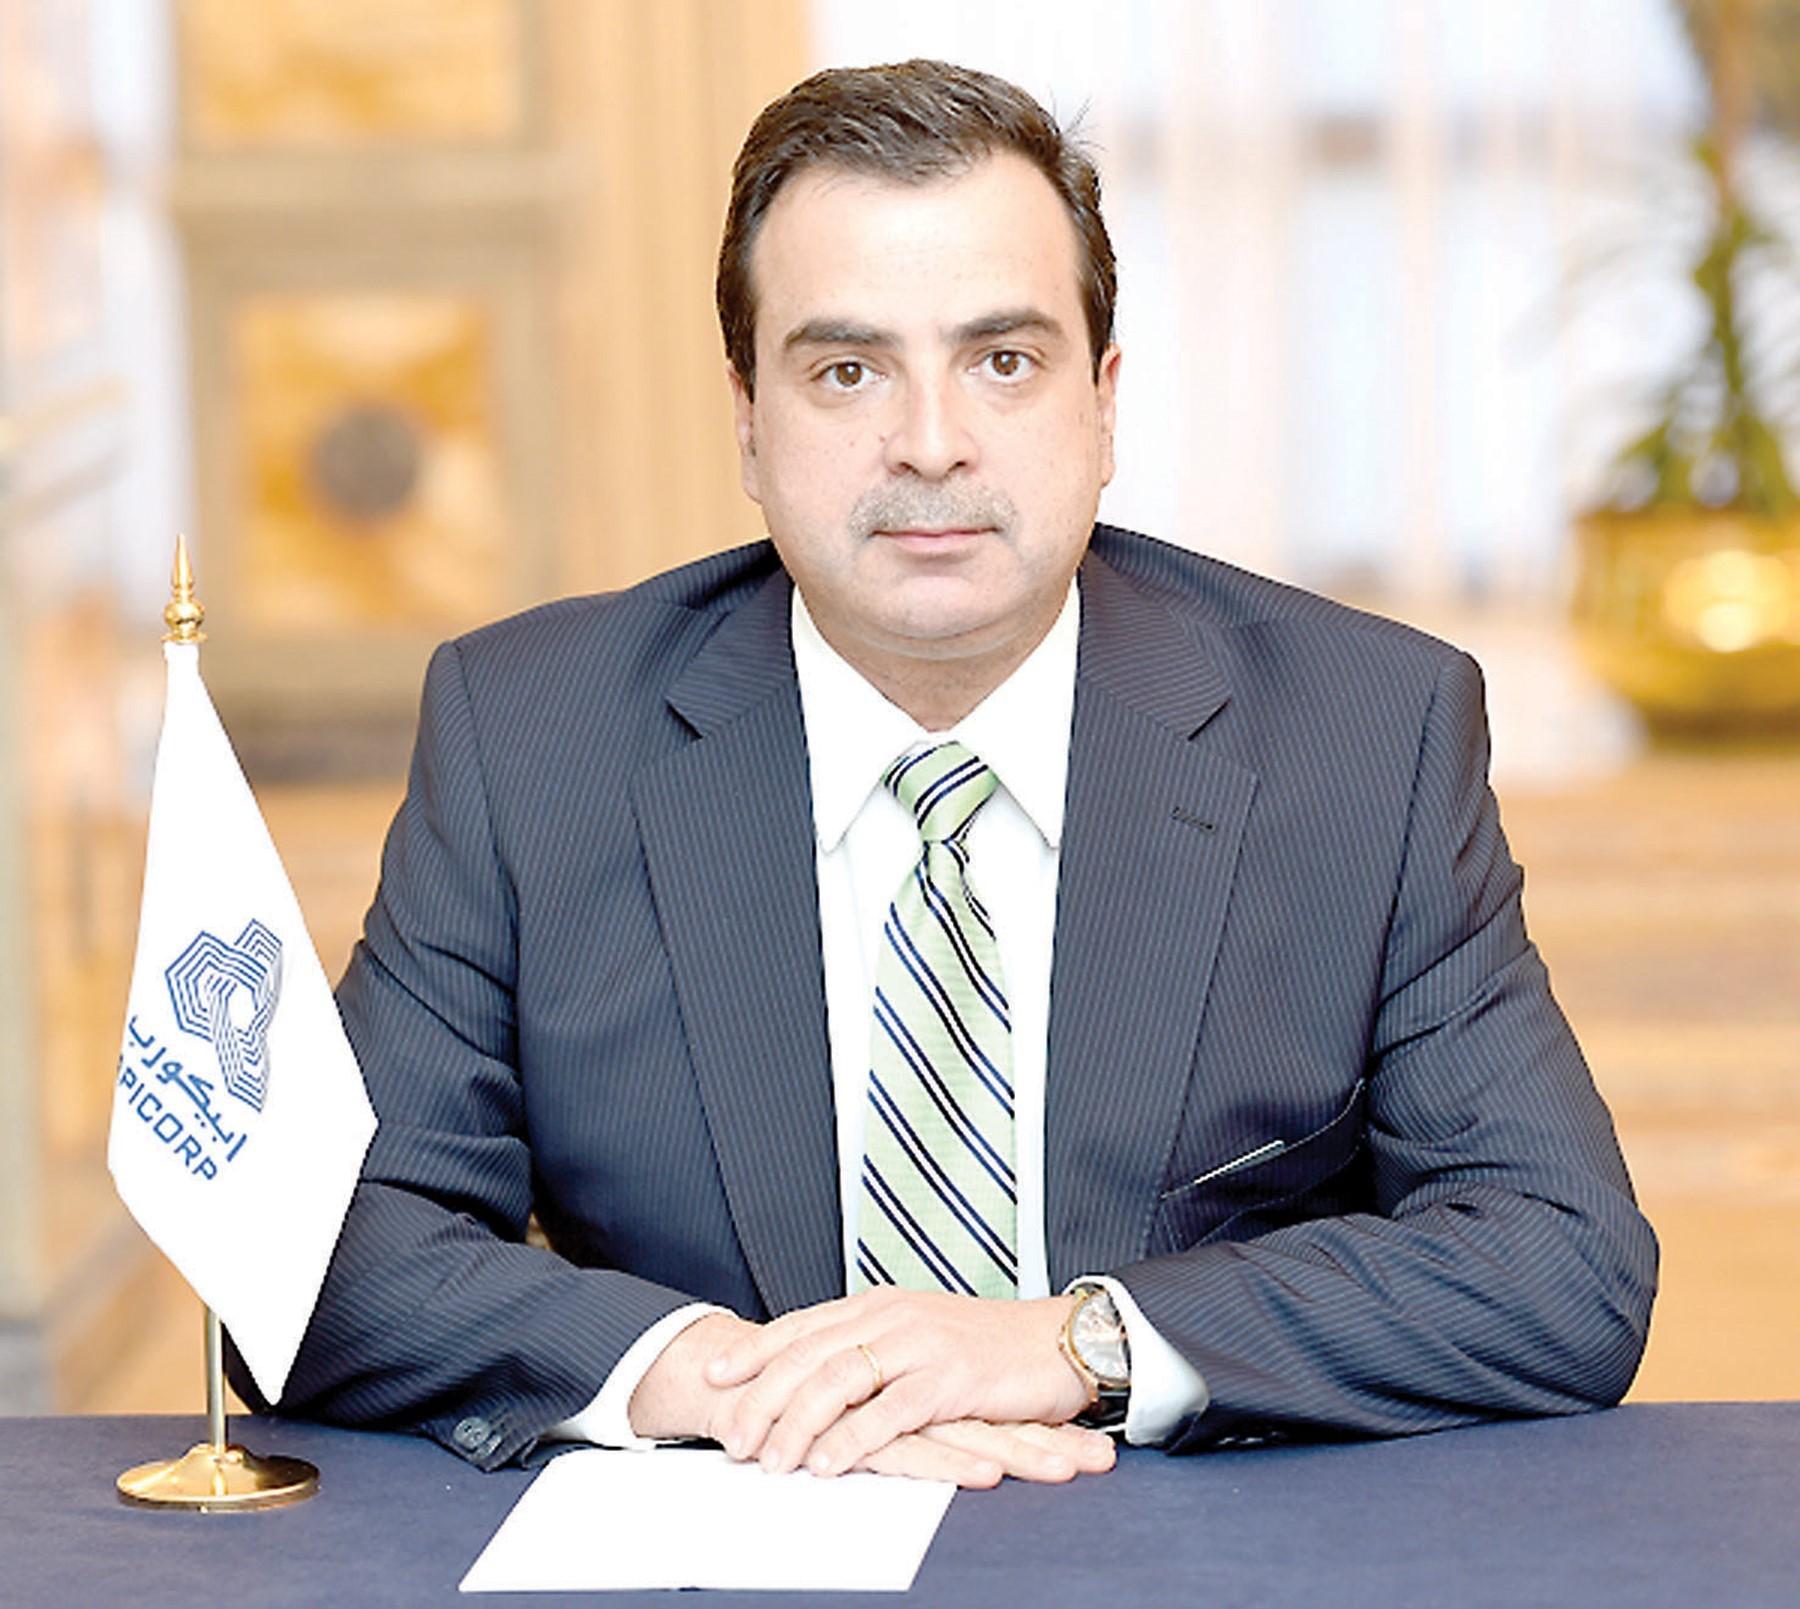 الرئيس التنفيذي لشركة أبيكورب أحمد علي عتيقة